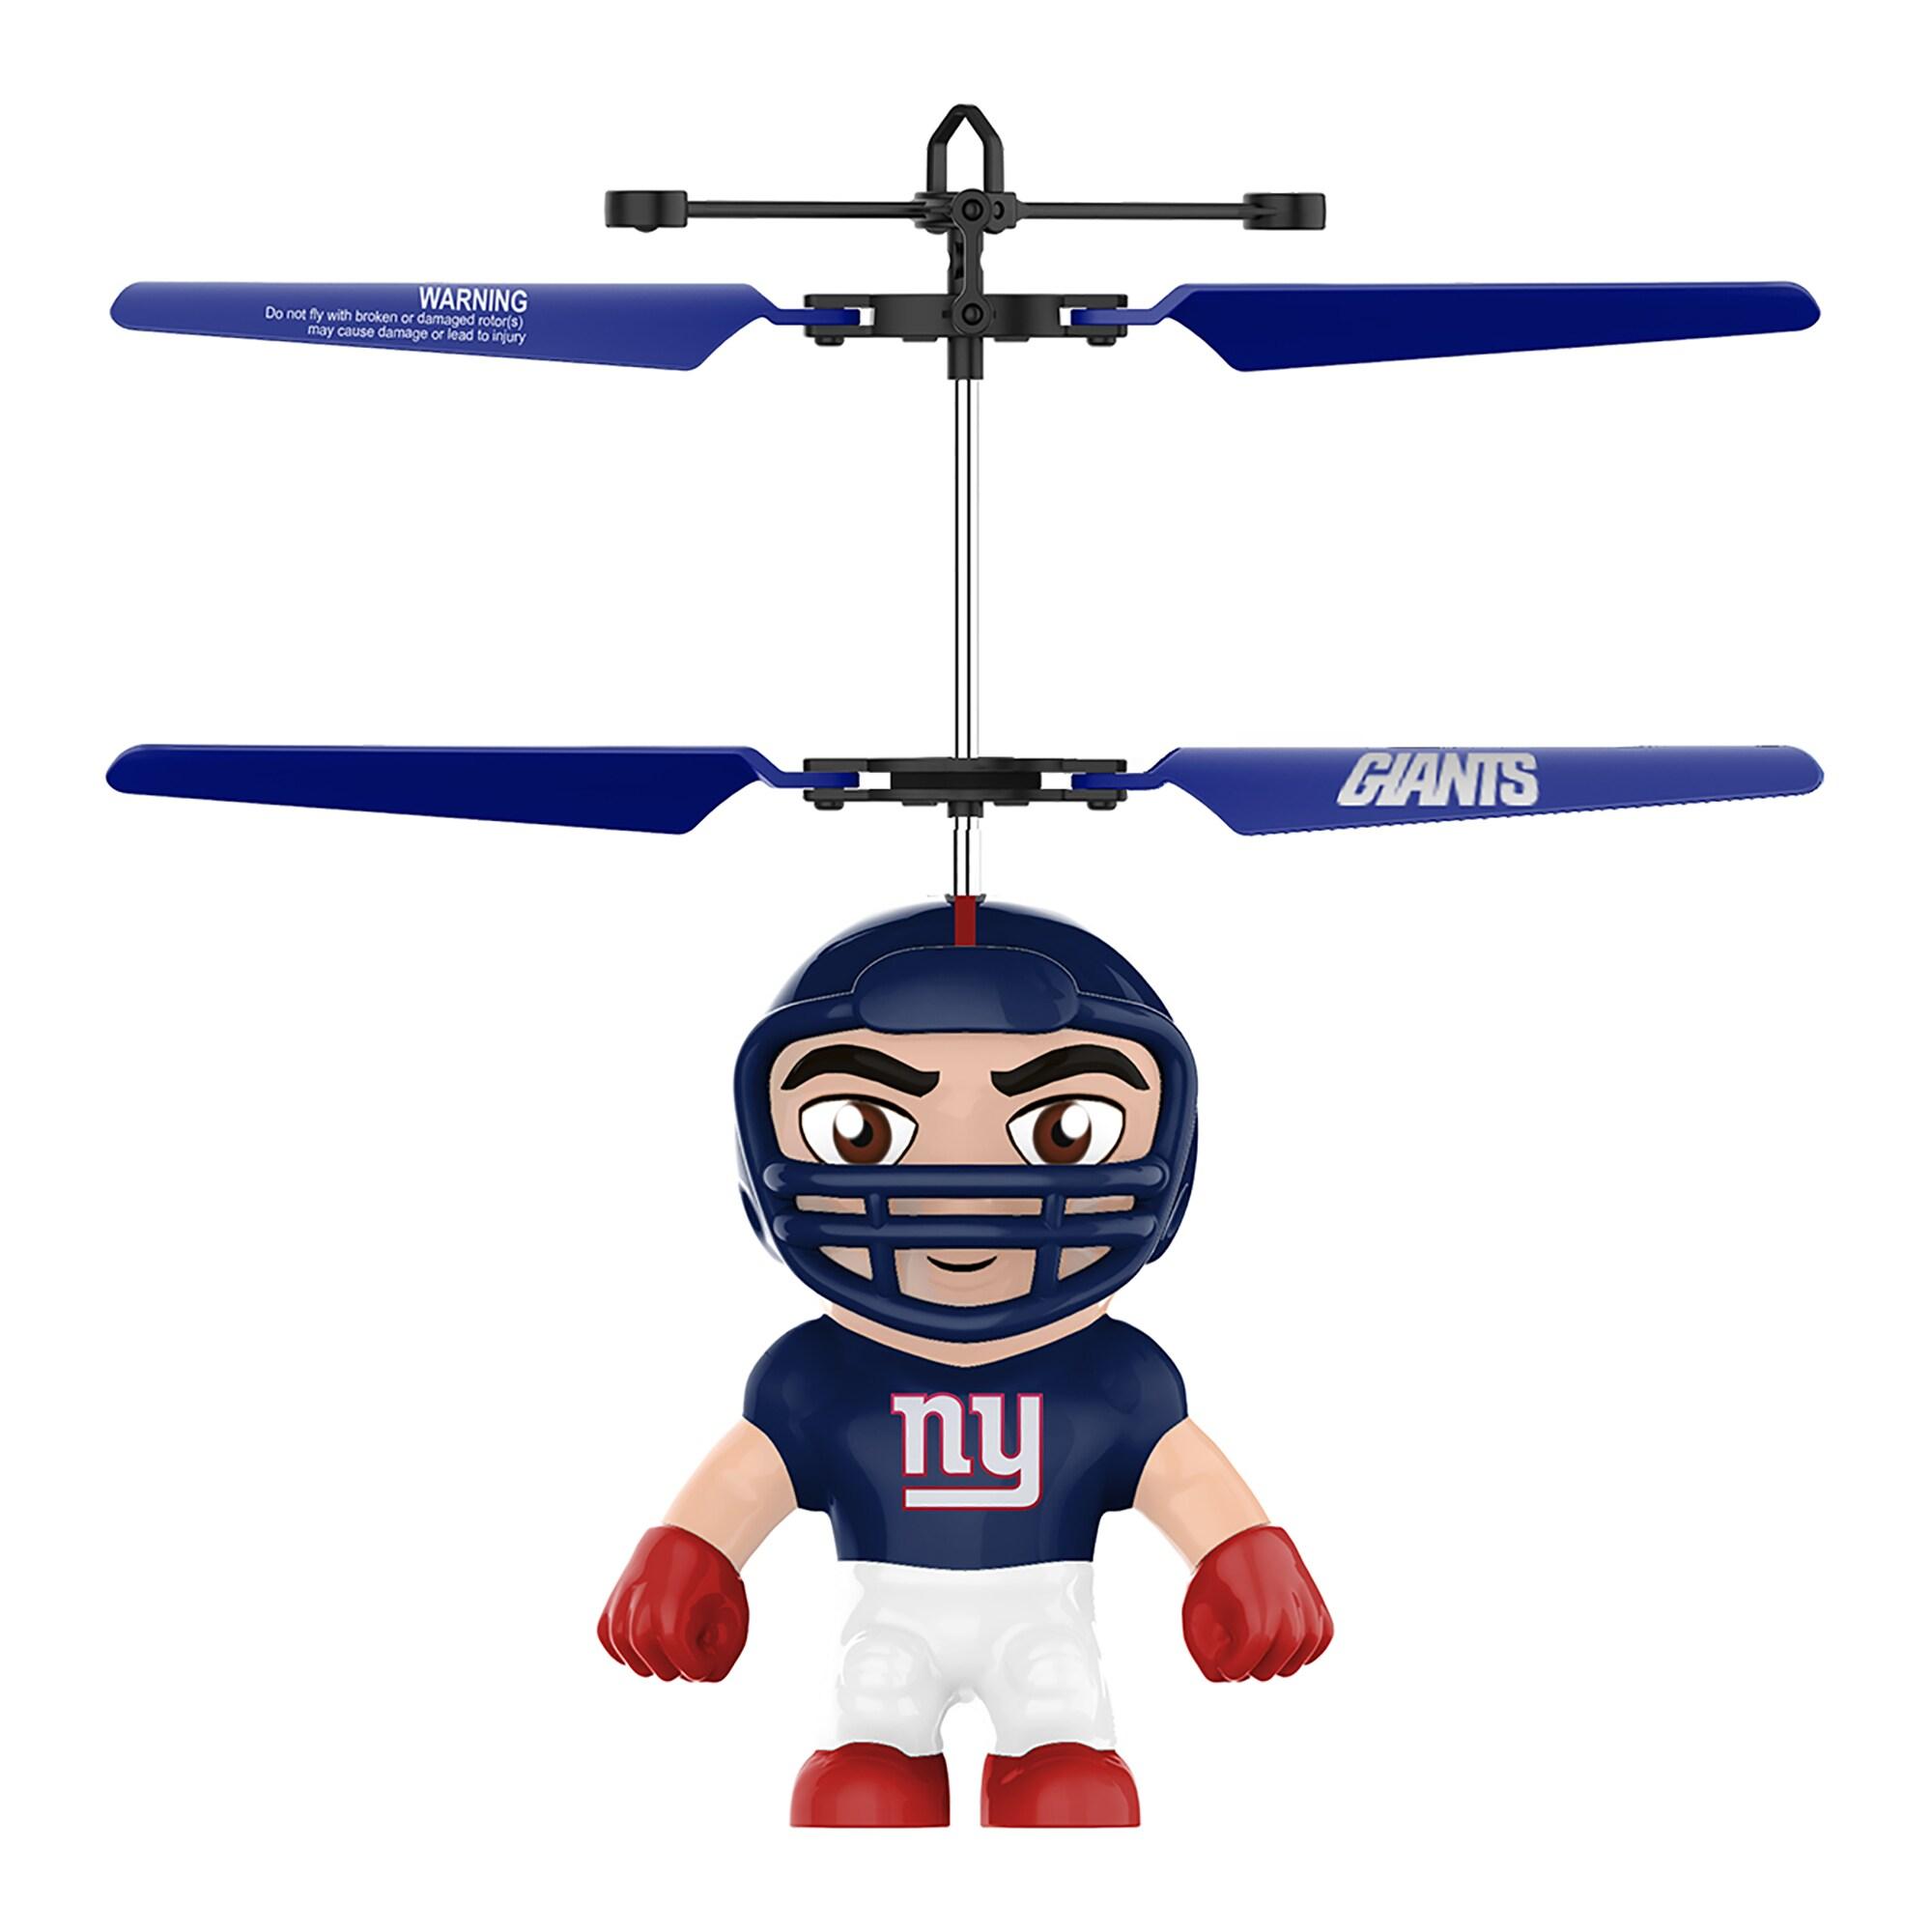 New York Giants Hand-Sensor Figure Flyer